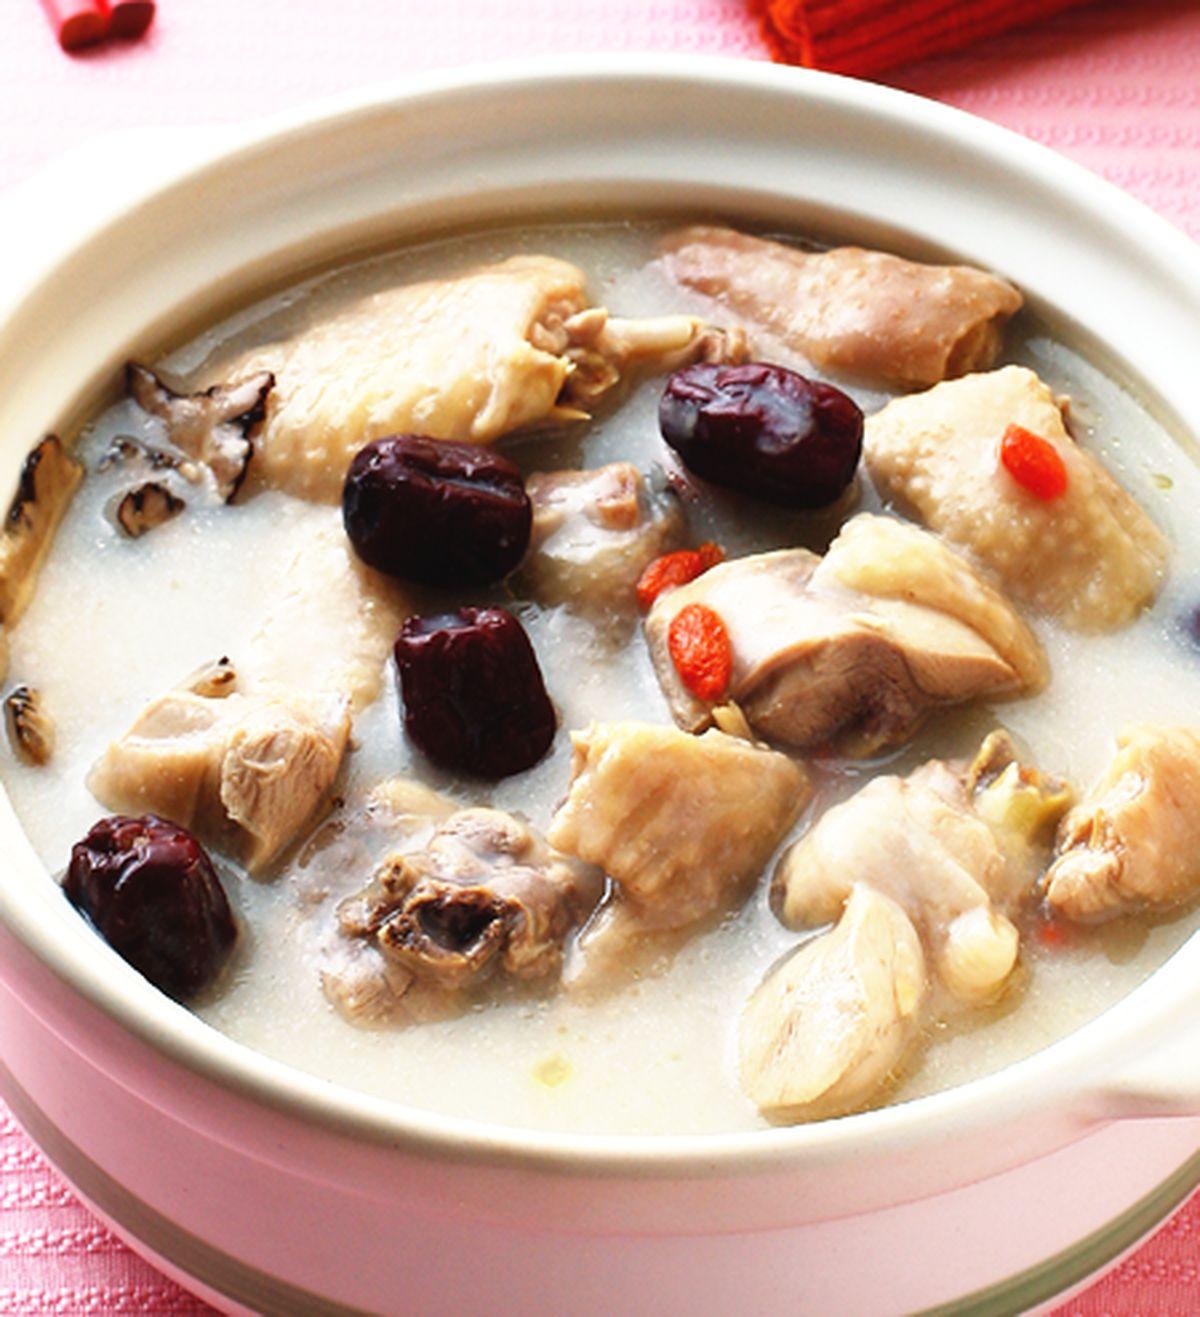 食譜:糙米漿燉雞湯